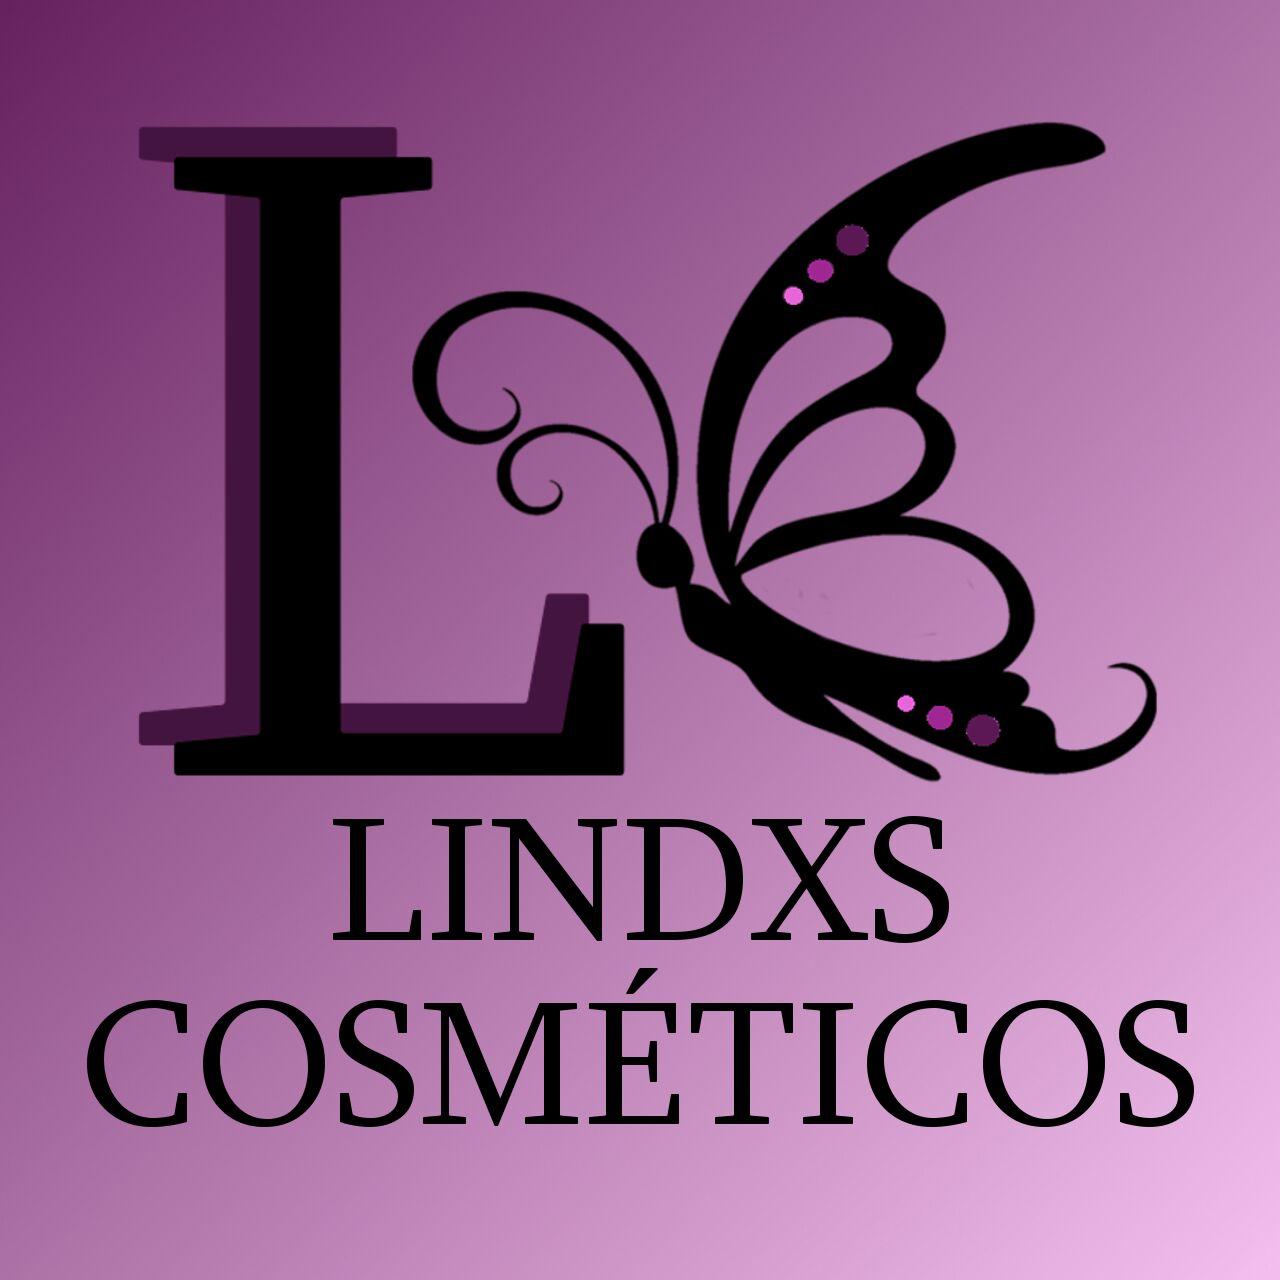 Clique visite a Lindxs Cosméticos no Instagram!